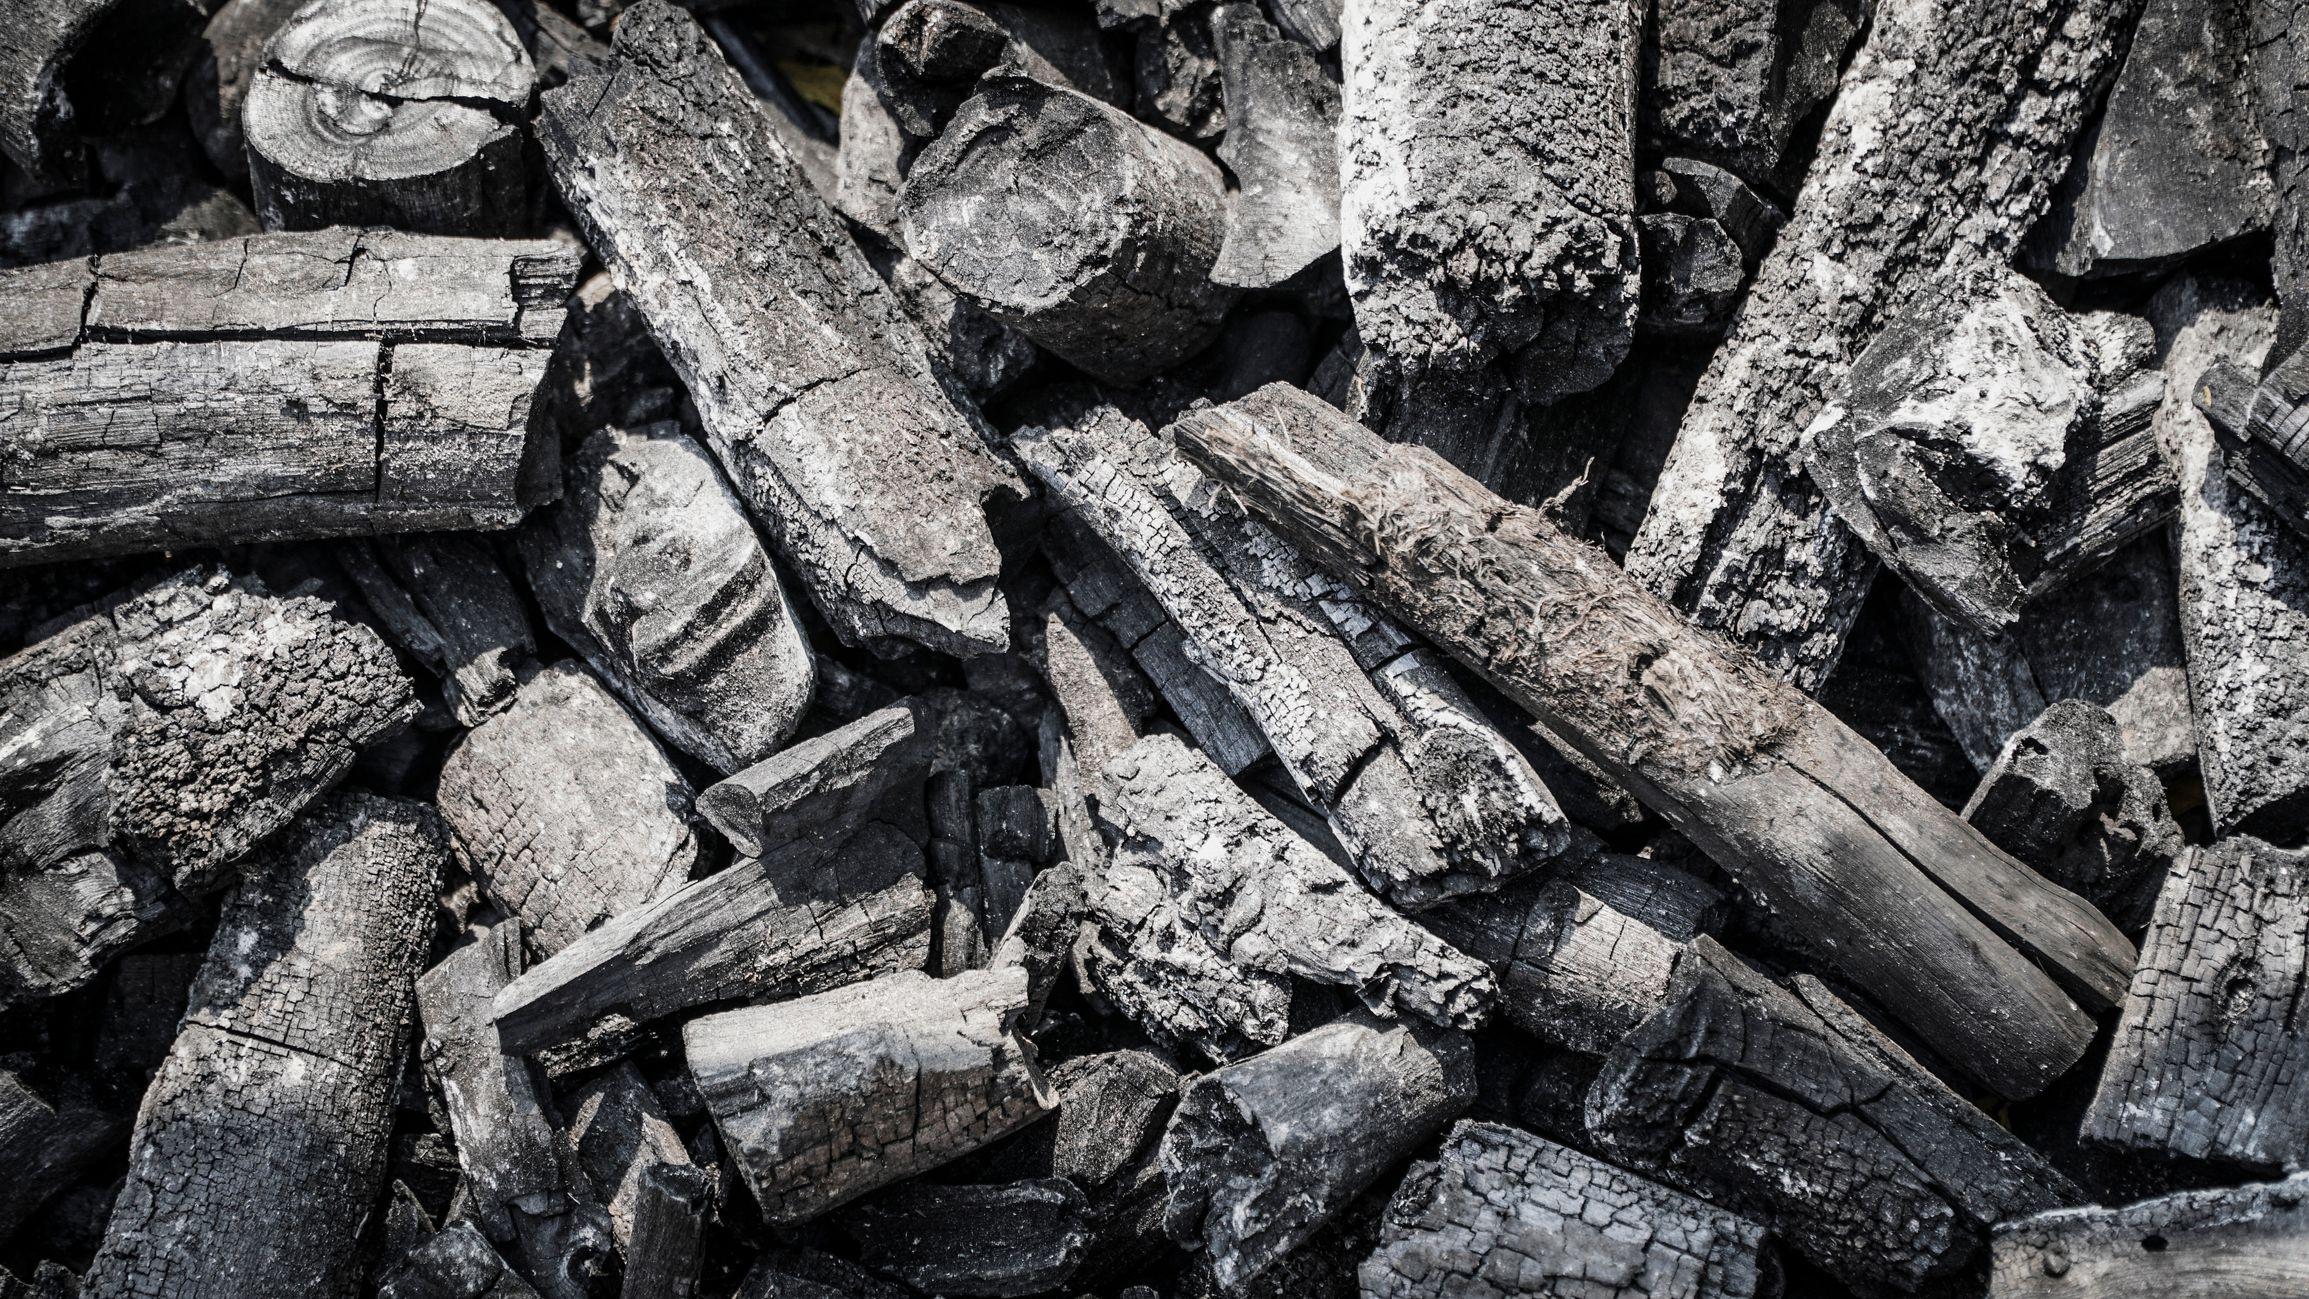 Wood ash.